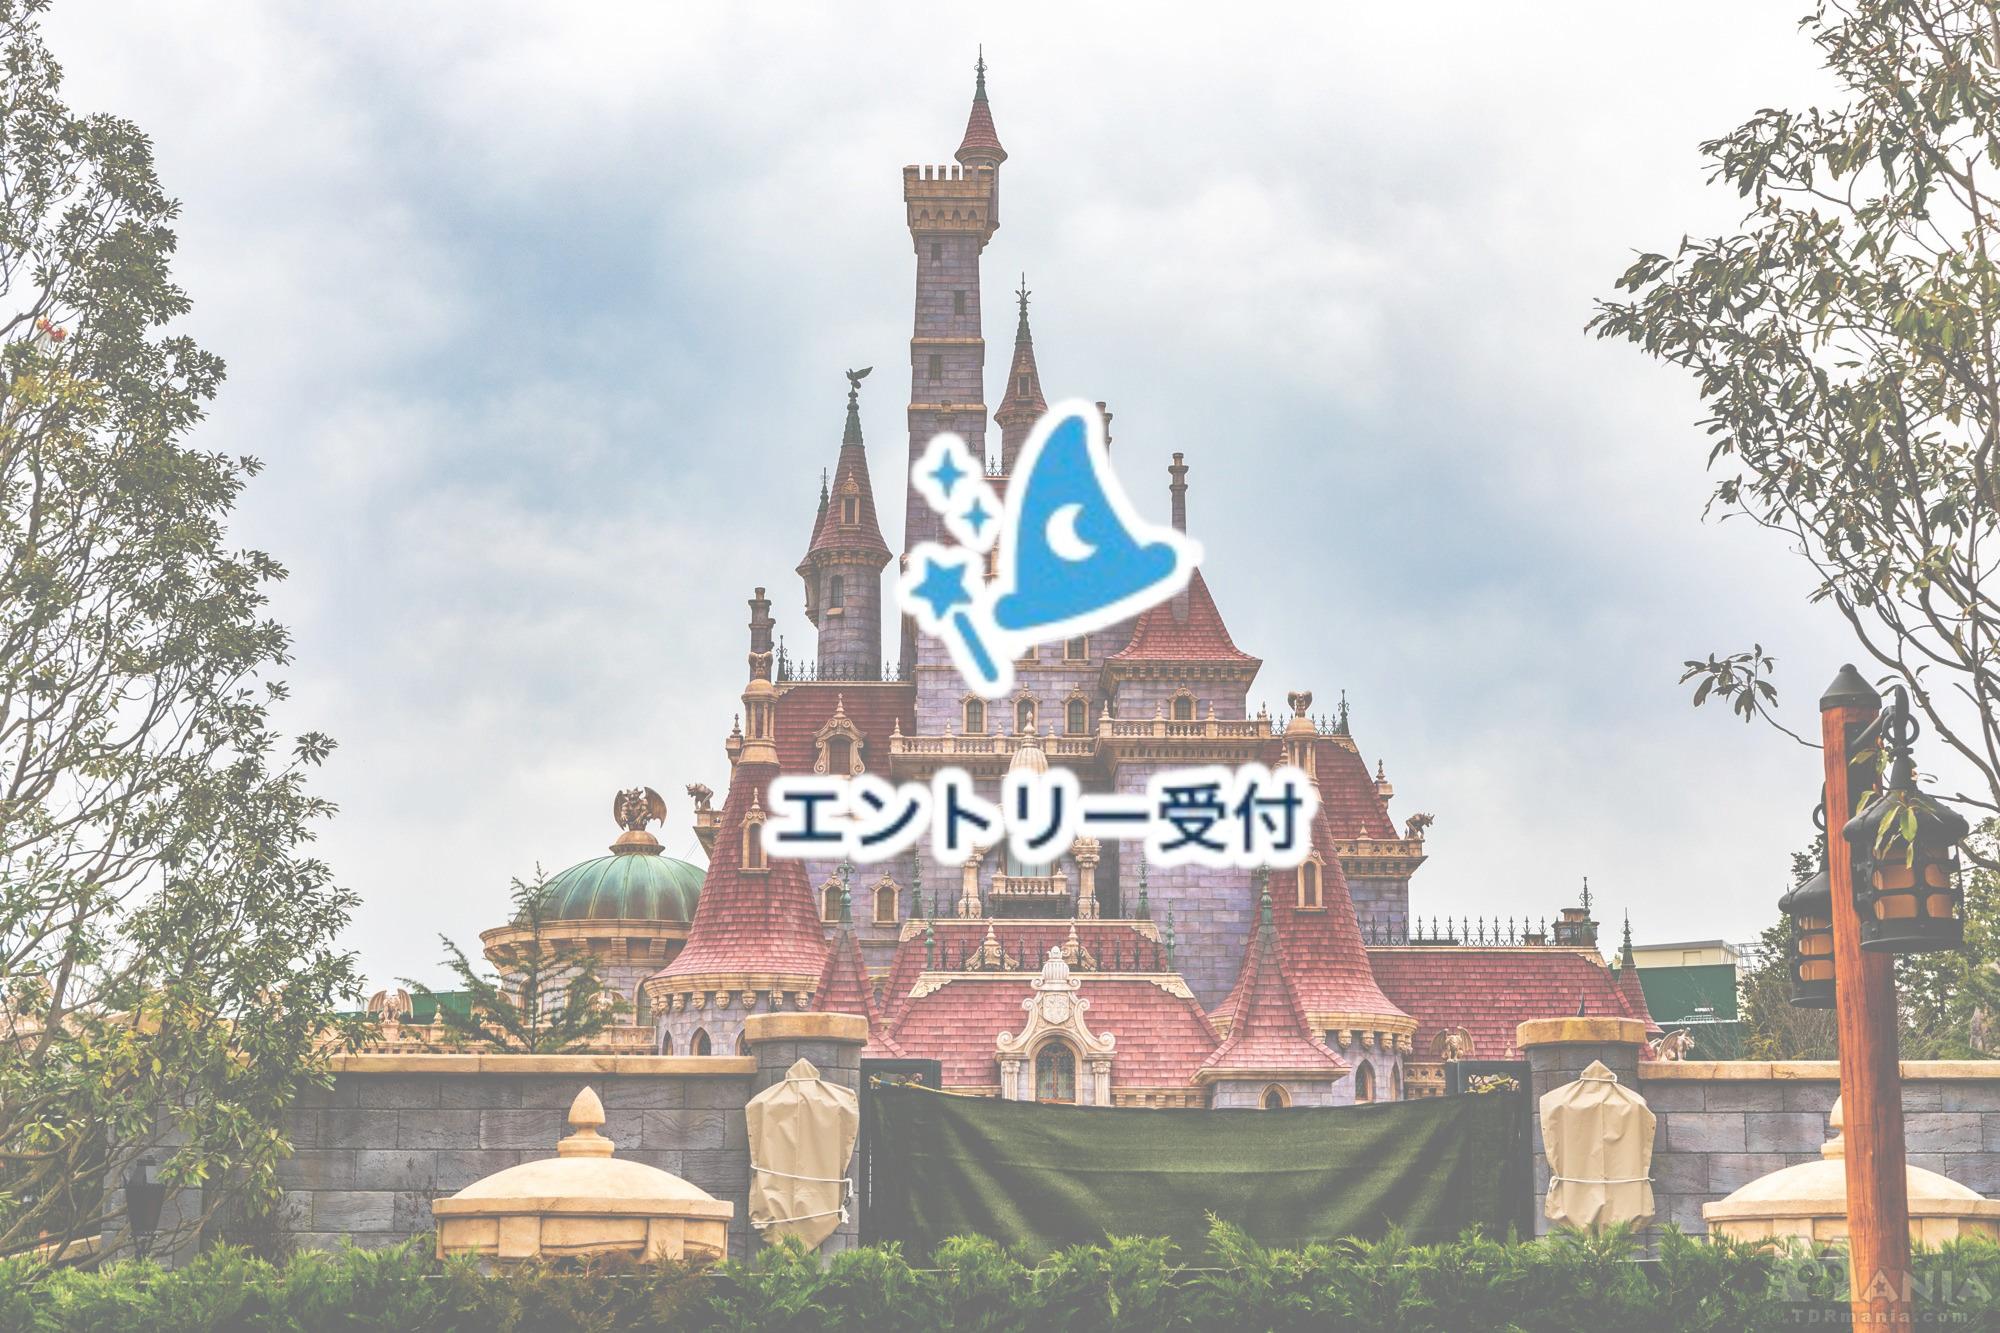 エリア 新 レストラン ディズニー 予約